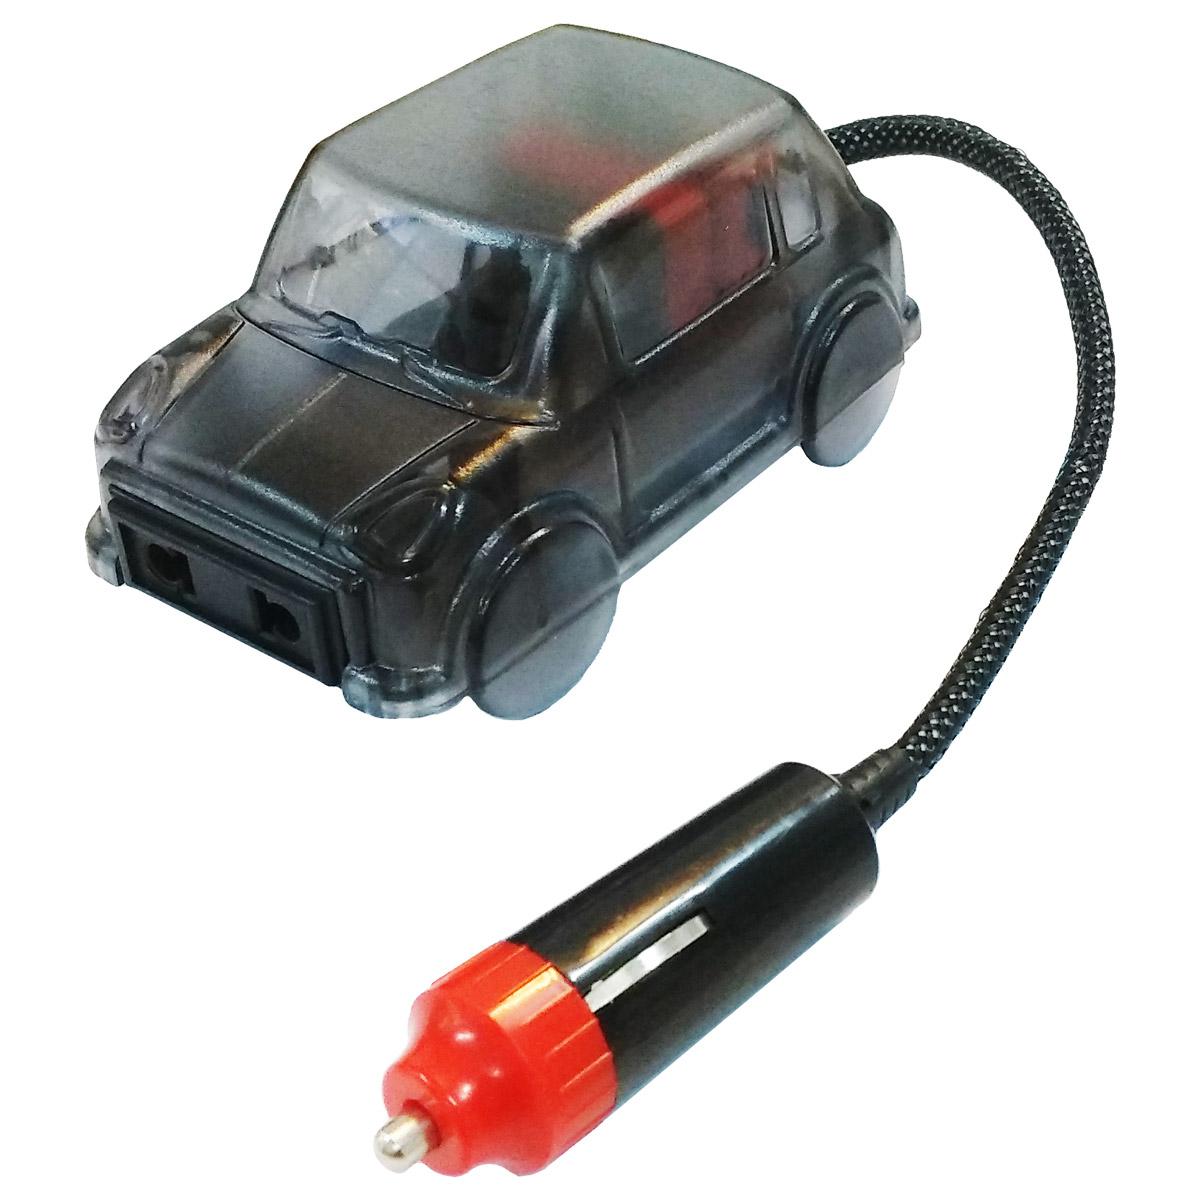 مبدل برق خودرو لاولی مدل 100Watt